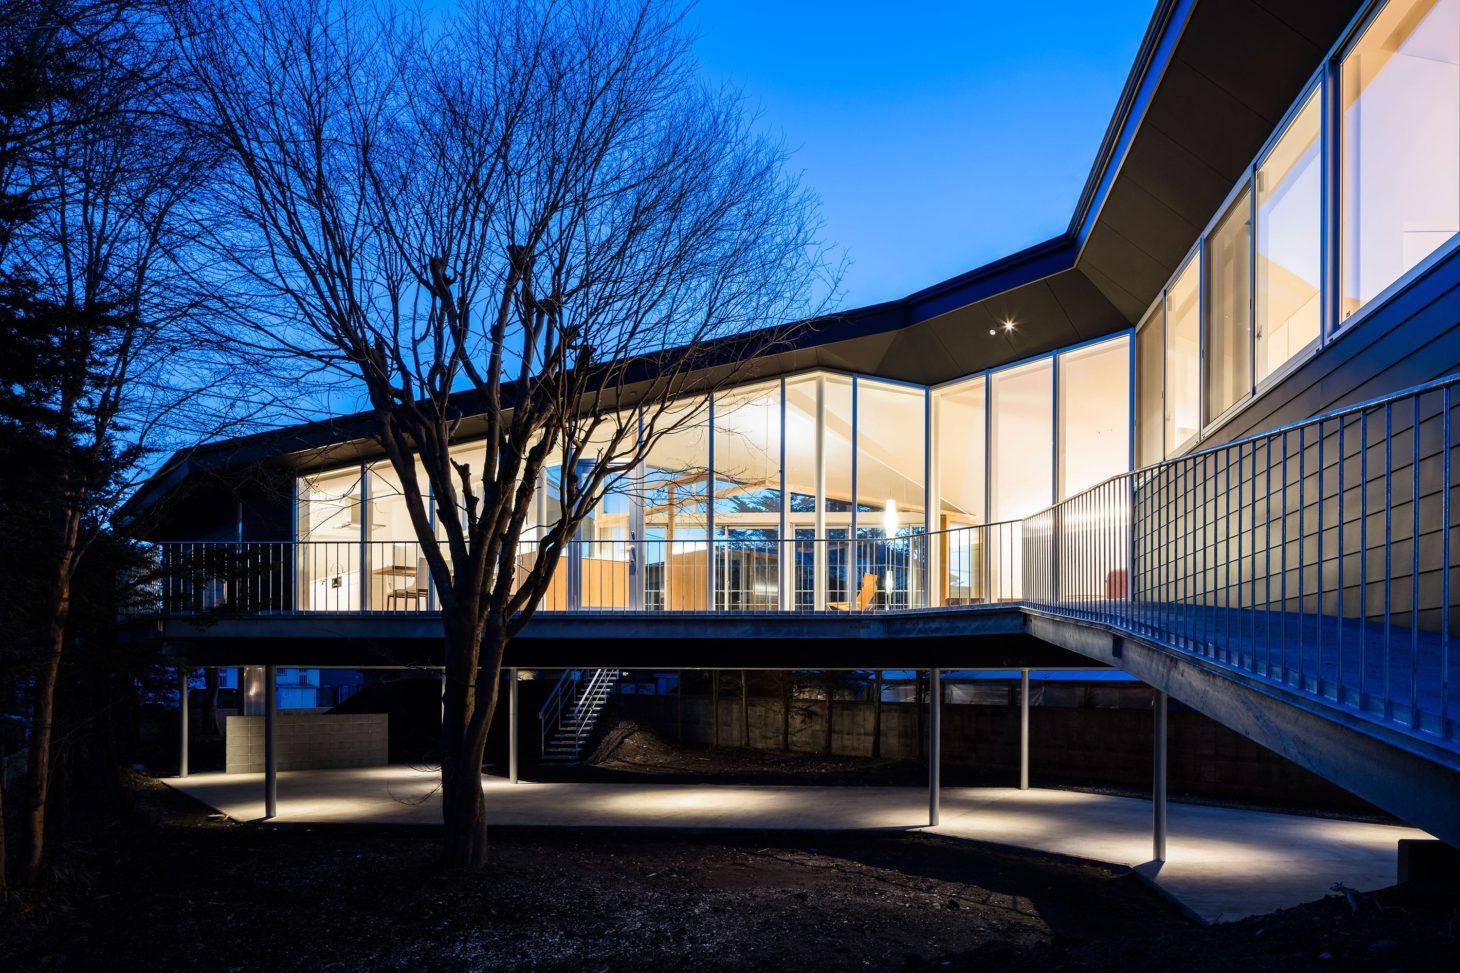 軽井沢の別荘の写真 外観-ライトアップ